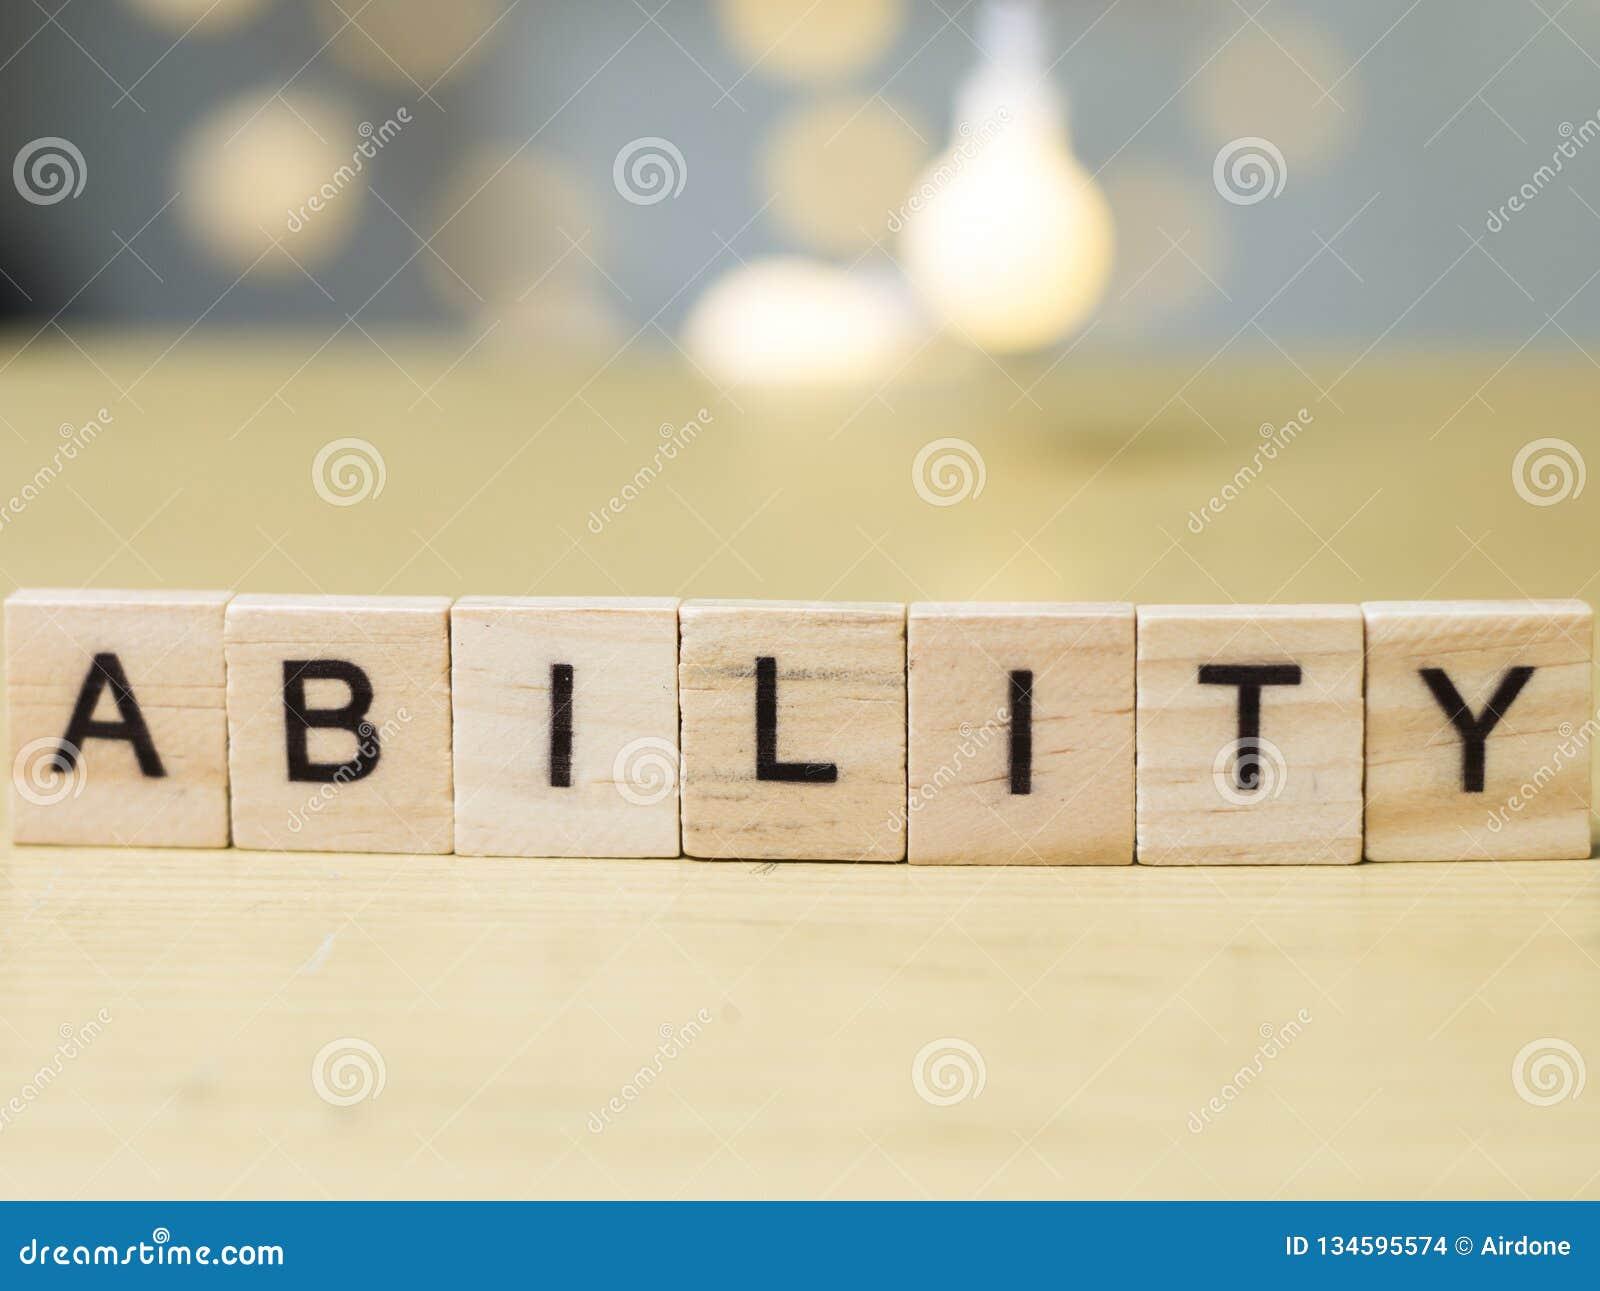 Ικανότητα δυνατότητας ικανότητας, έννοια αποσπασμάτων επιχειρησιακών λέξεων